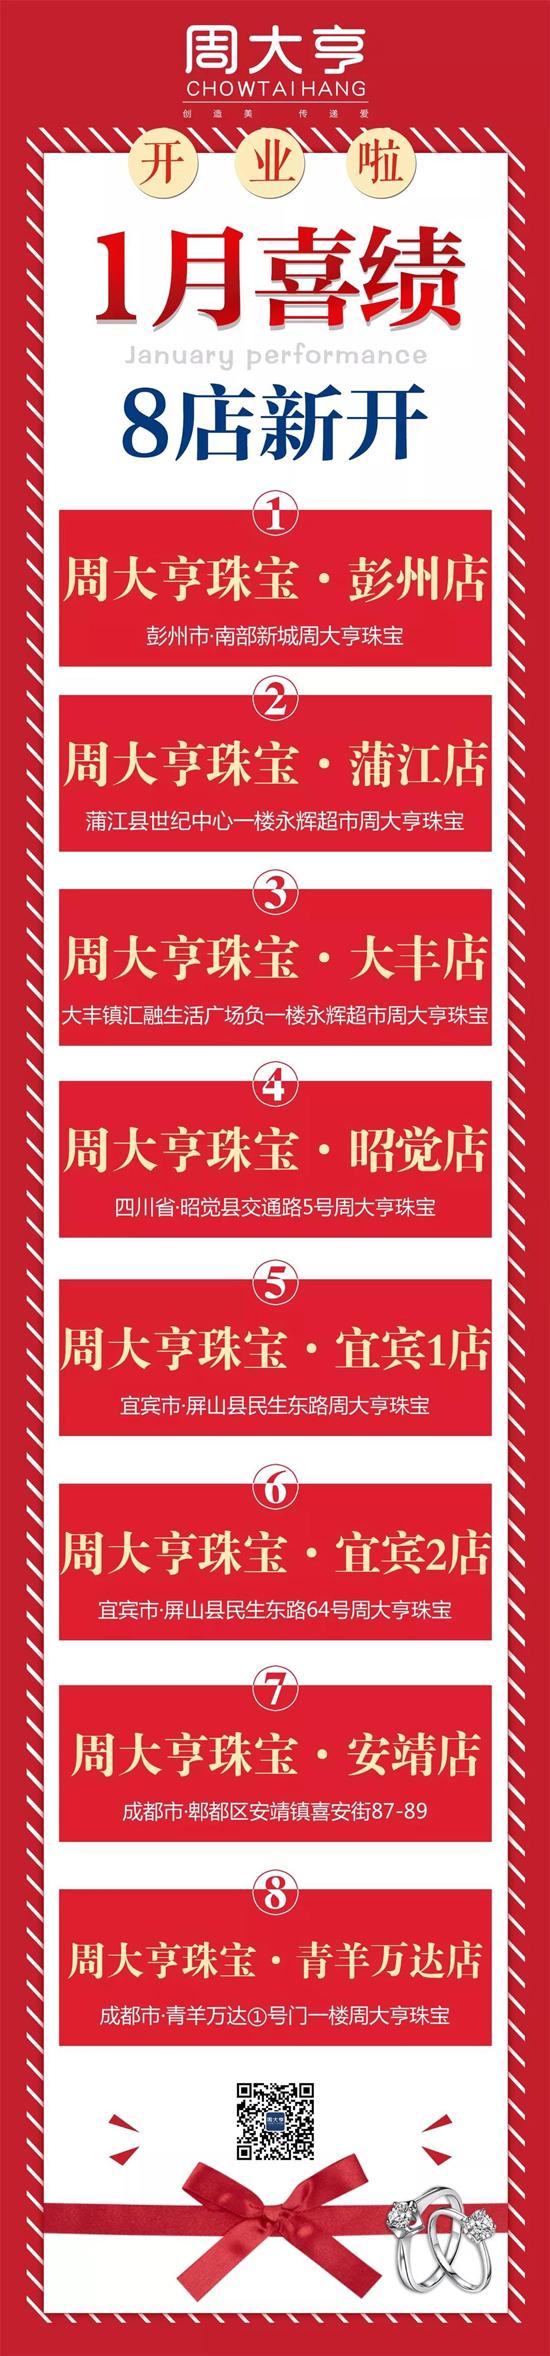 周大亨珠宝1月喜绩,8家新店盛大开业,送千元现金红包!